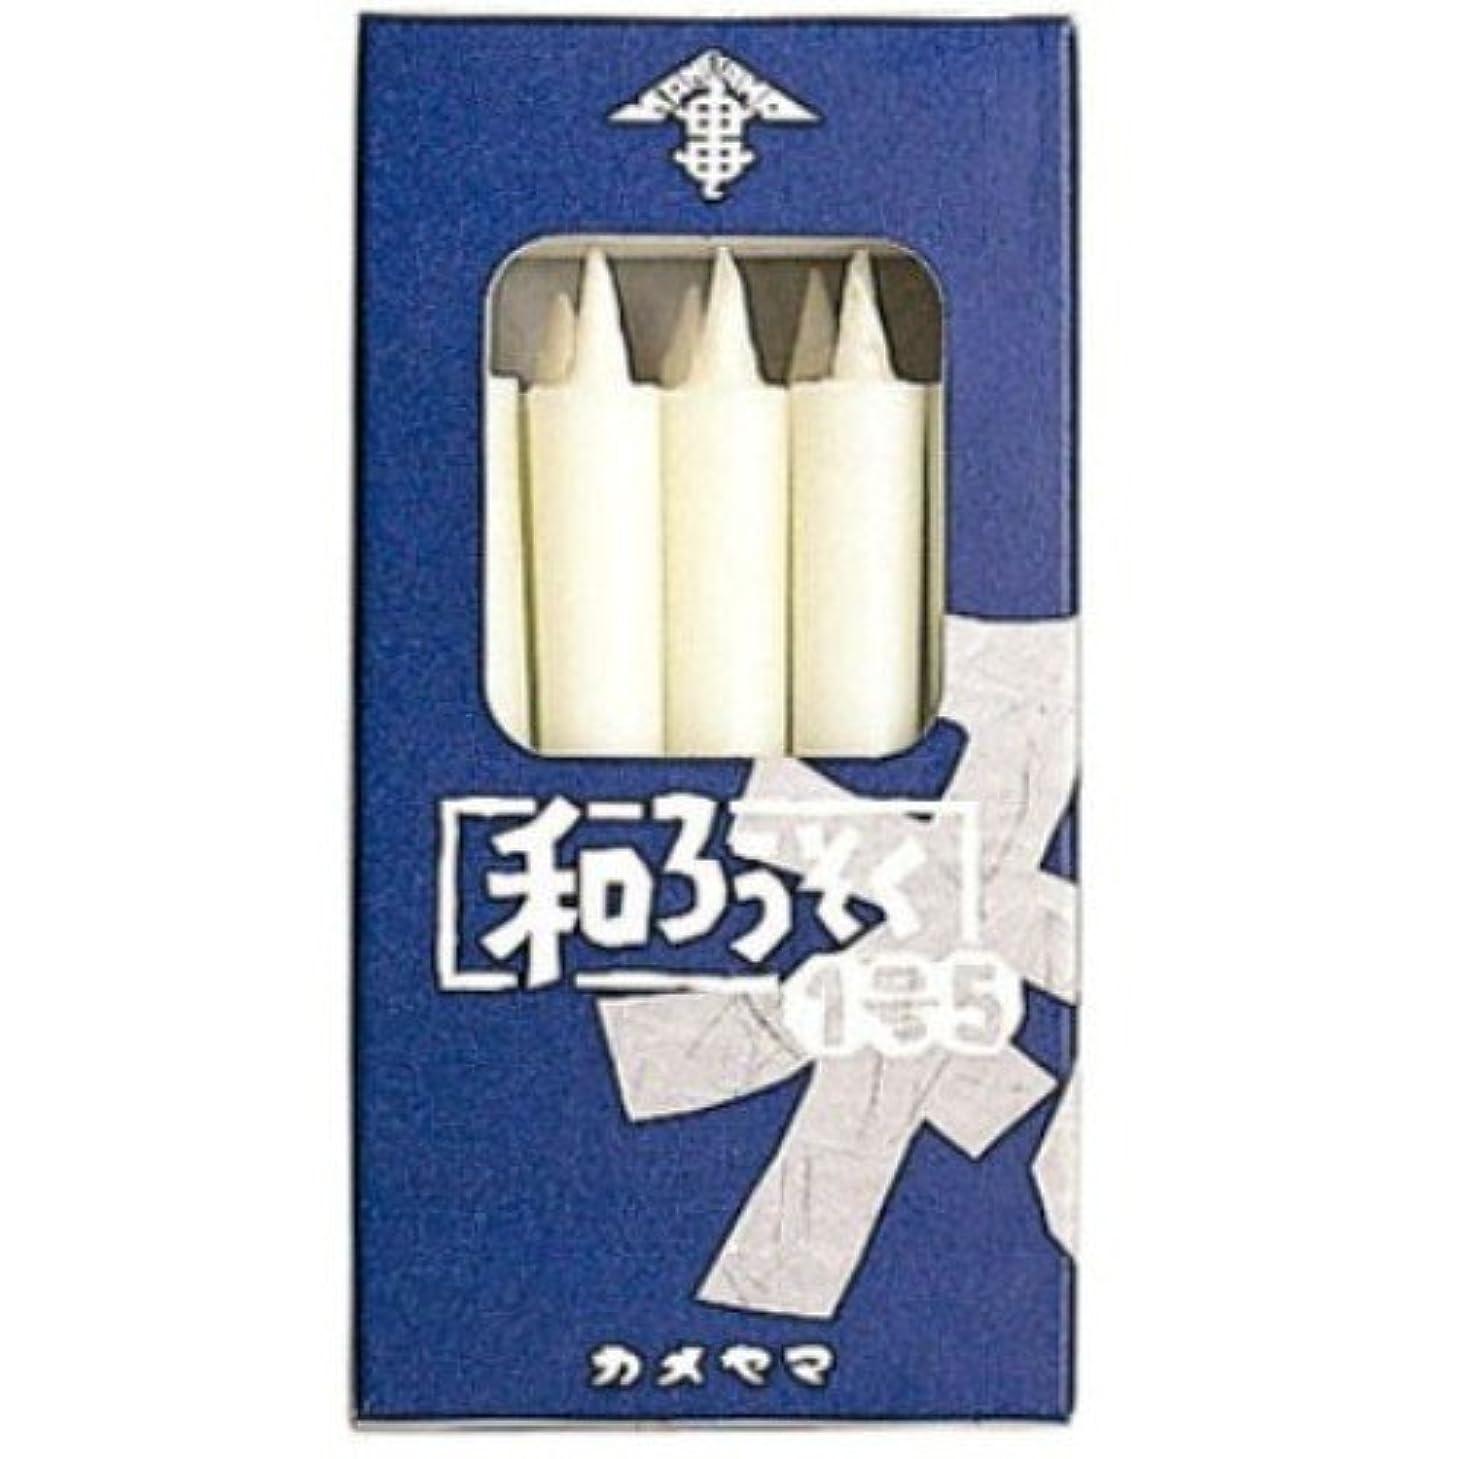 クマノミフォーカス吸収剤和ろうそく 1号5(白) 箱入り (10本)